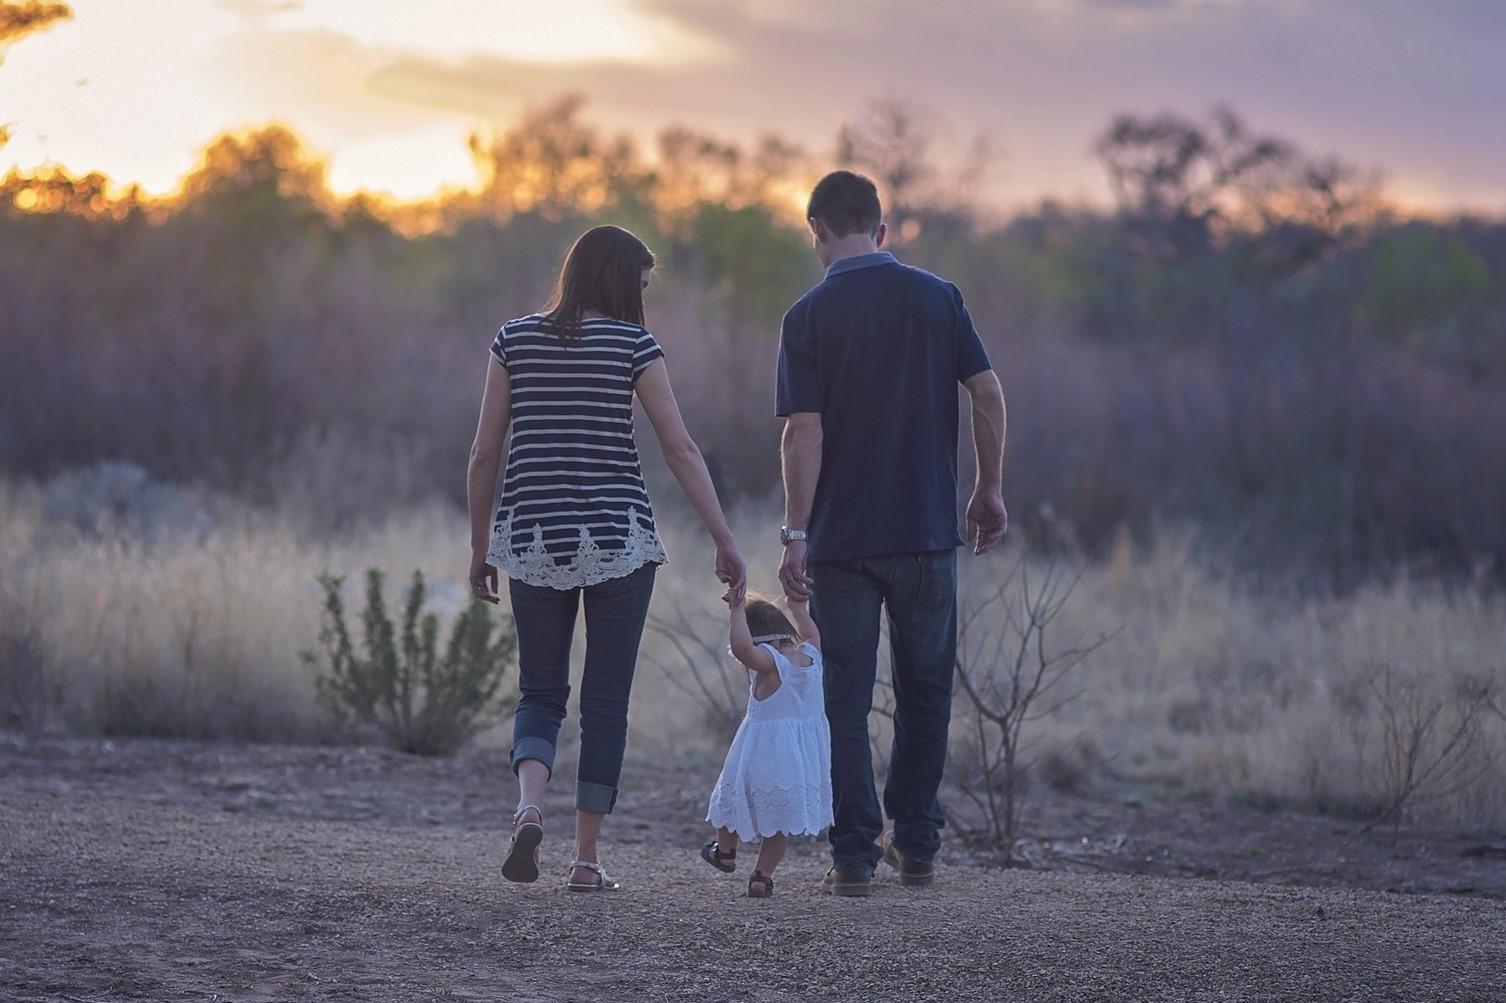 Dankbarkeit ist eine Tugend, keine Pflicht: Altenbetreuung aus liberaler Sicht